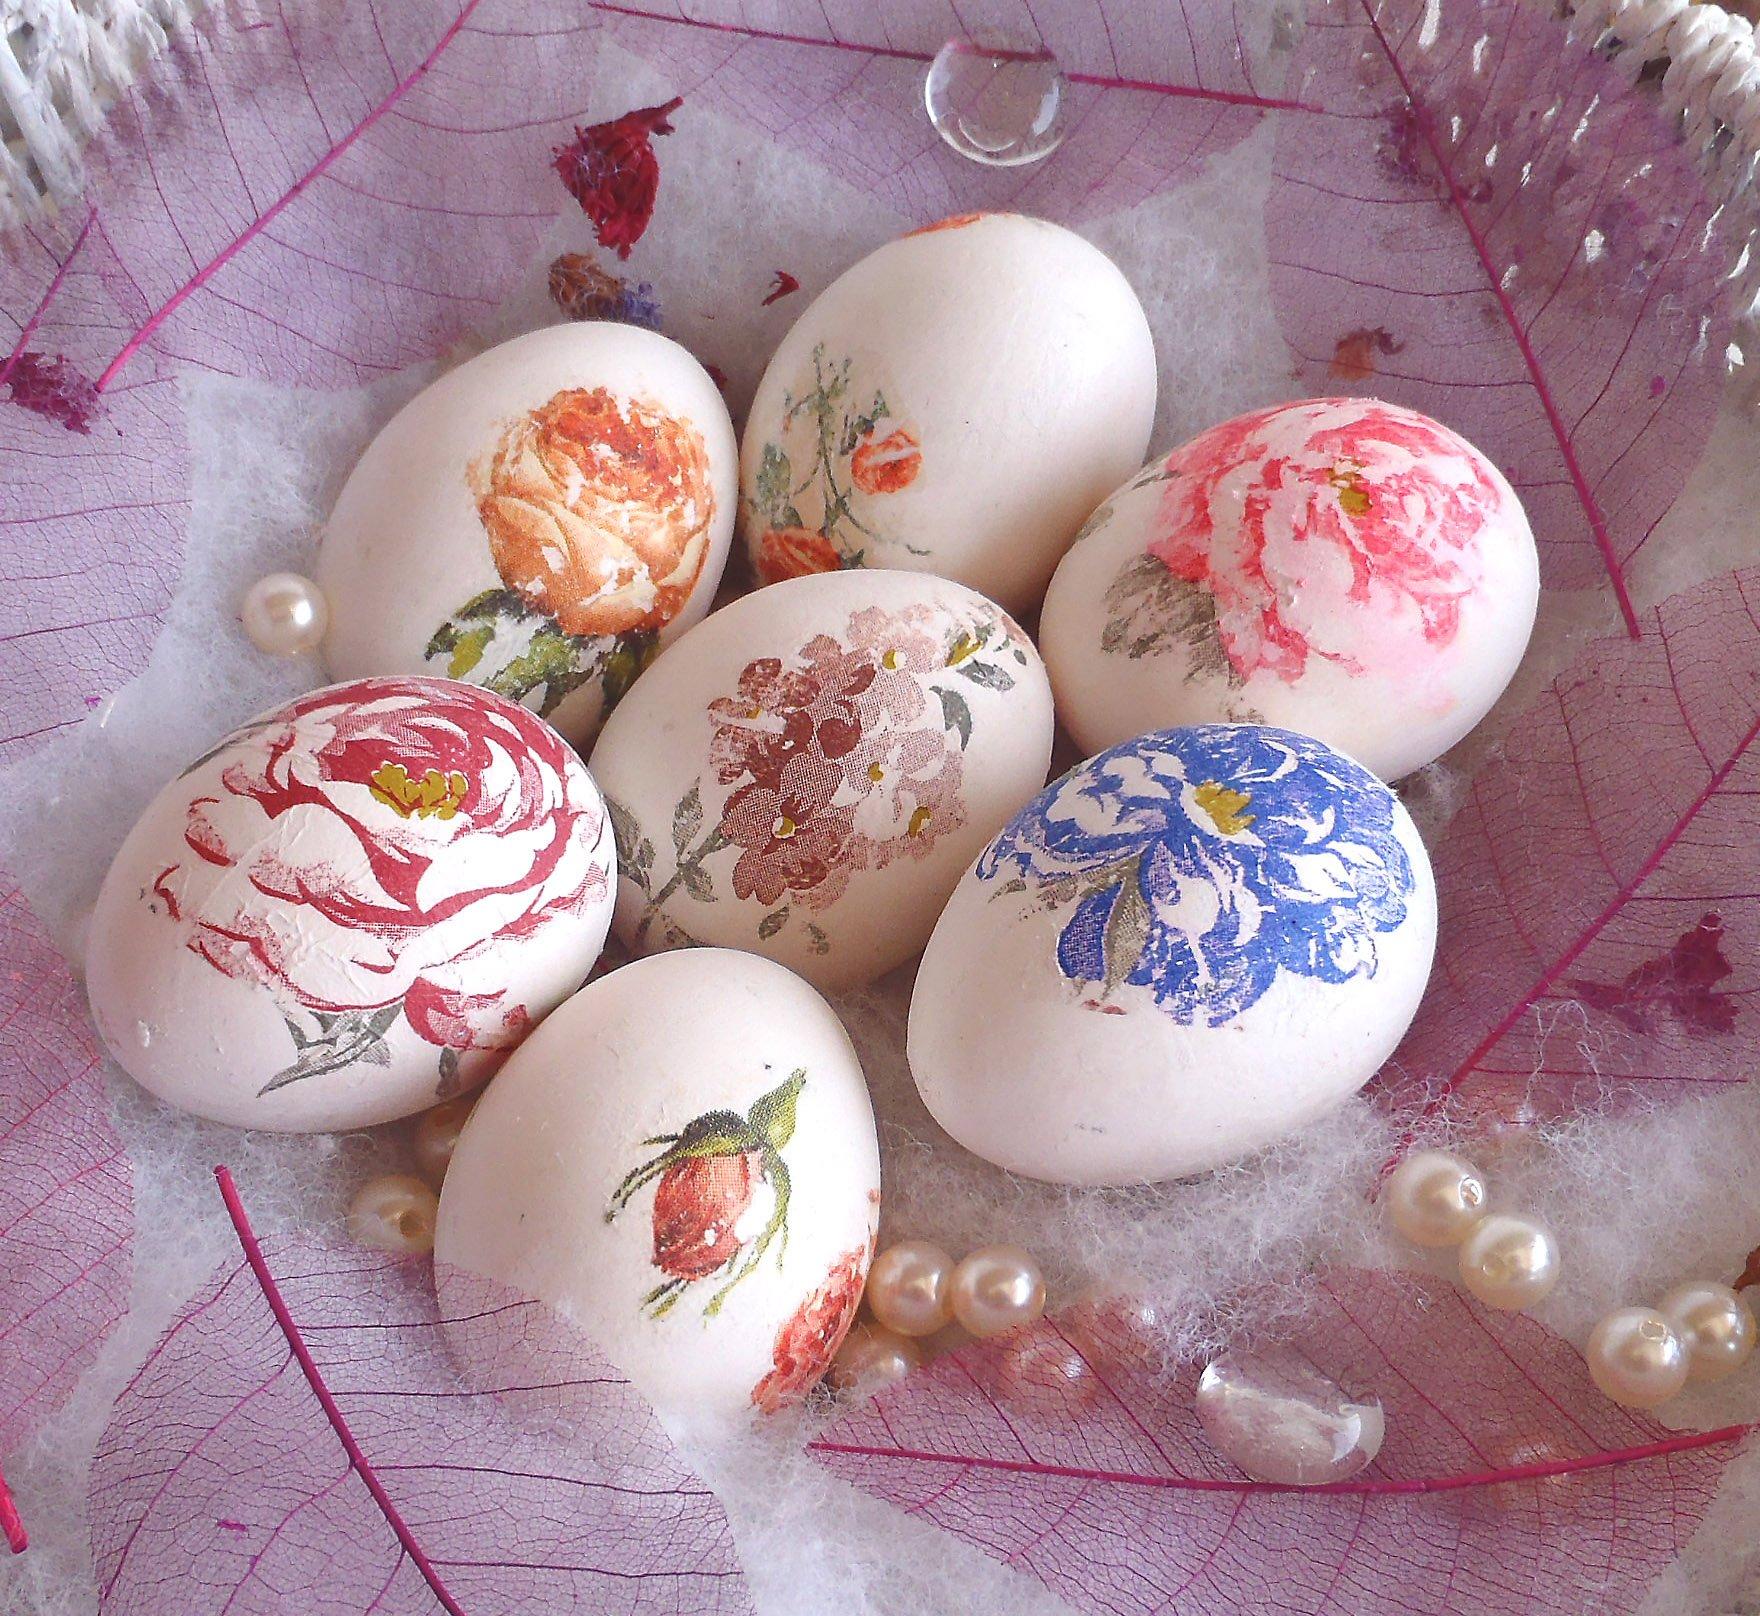 остужаем, чистим идеи пасхальных яиц своими руками фото природа полуживотных